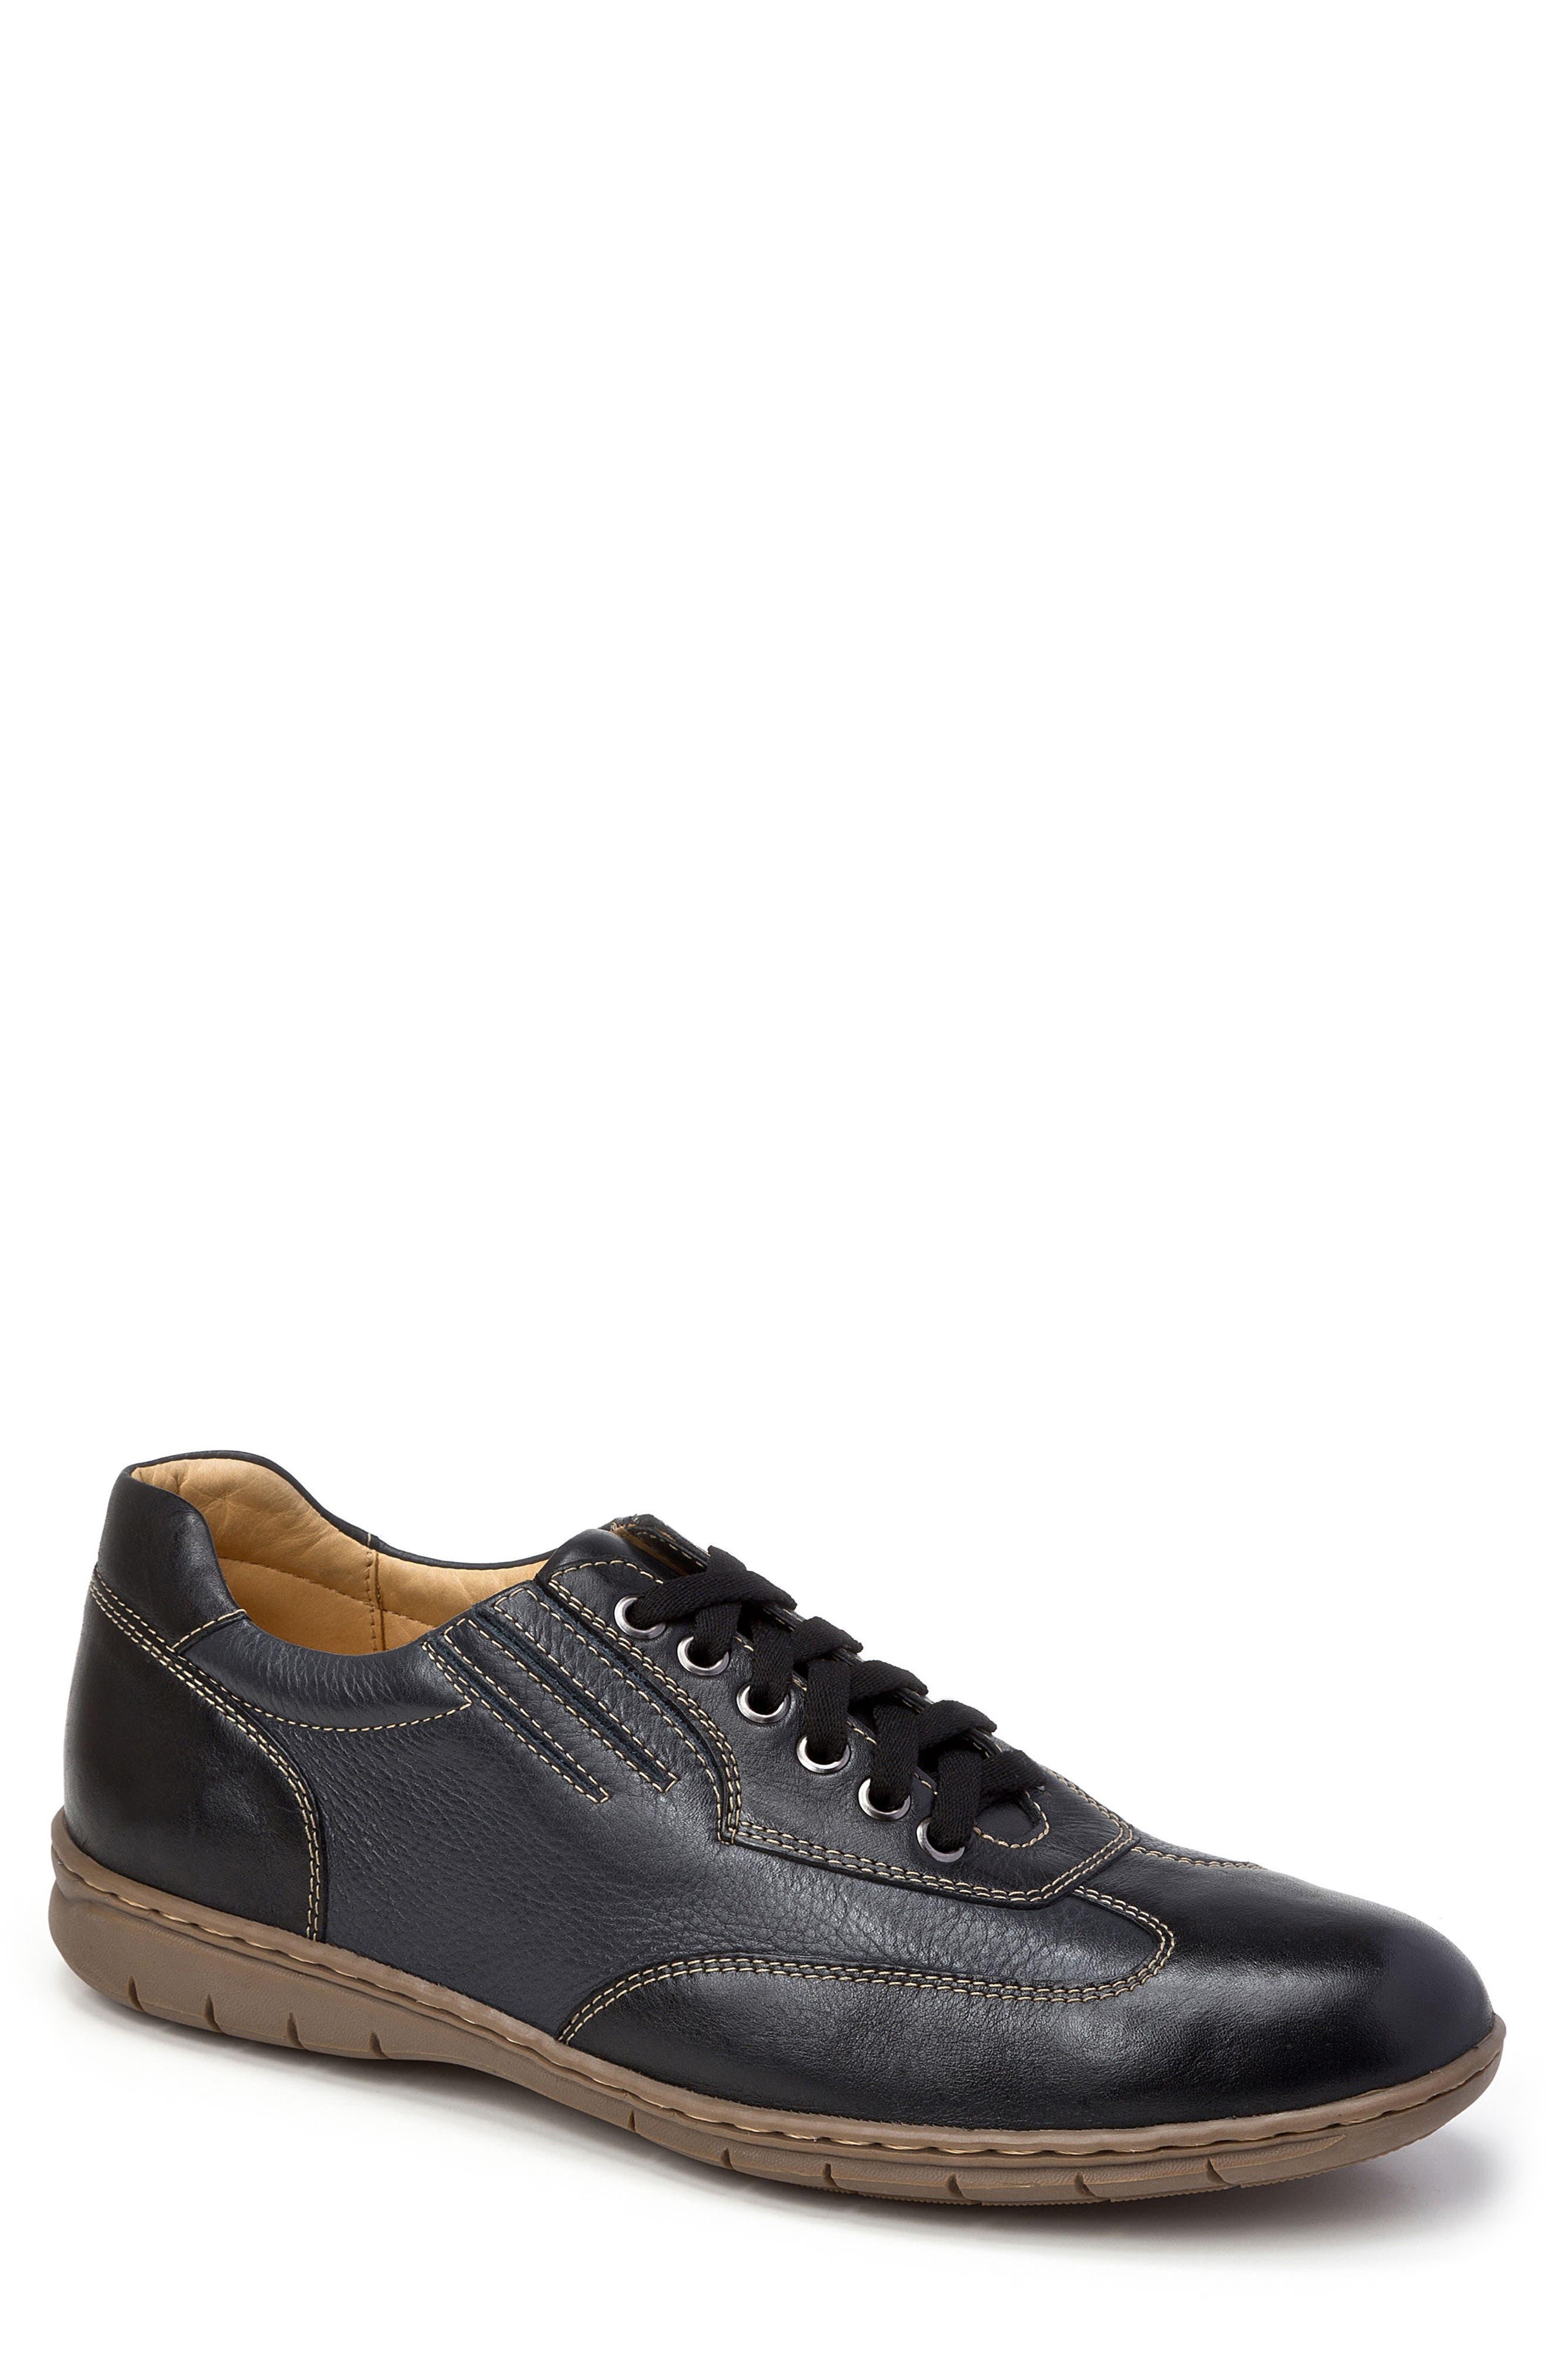 Vernon Sneaker,                         Main,                         color, BLACK LEATHER